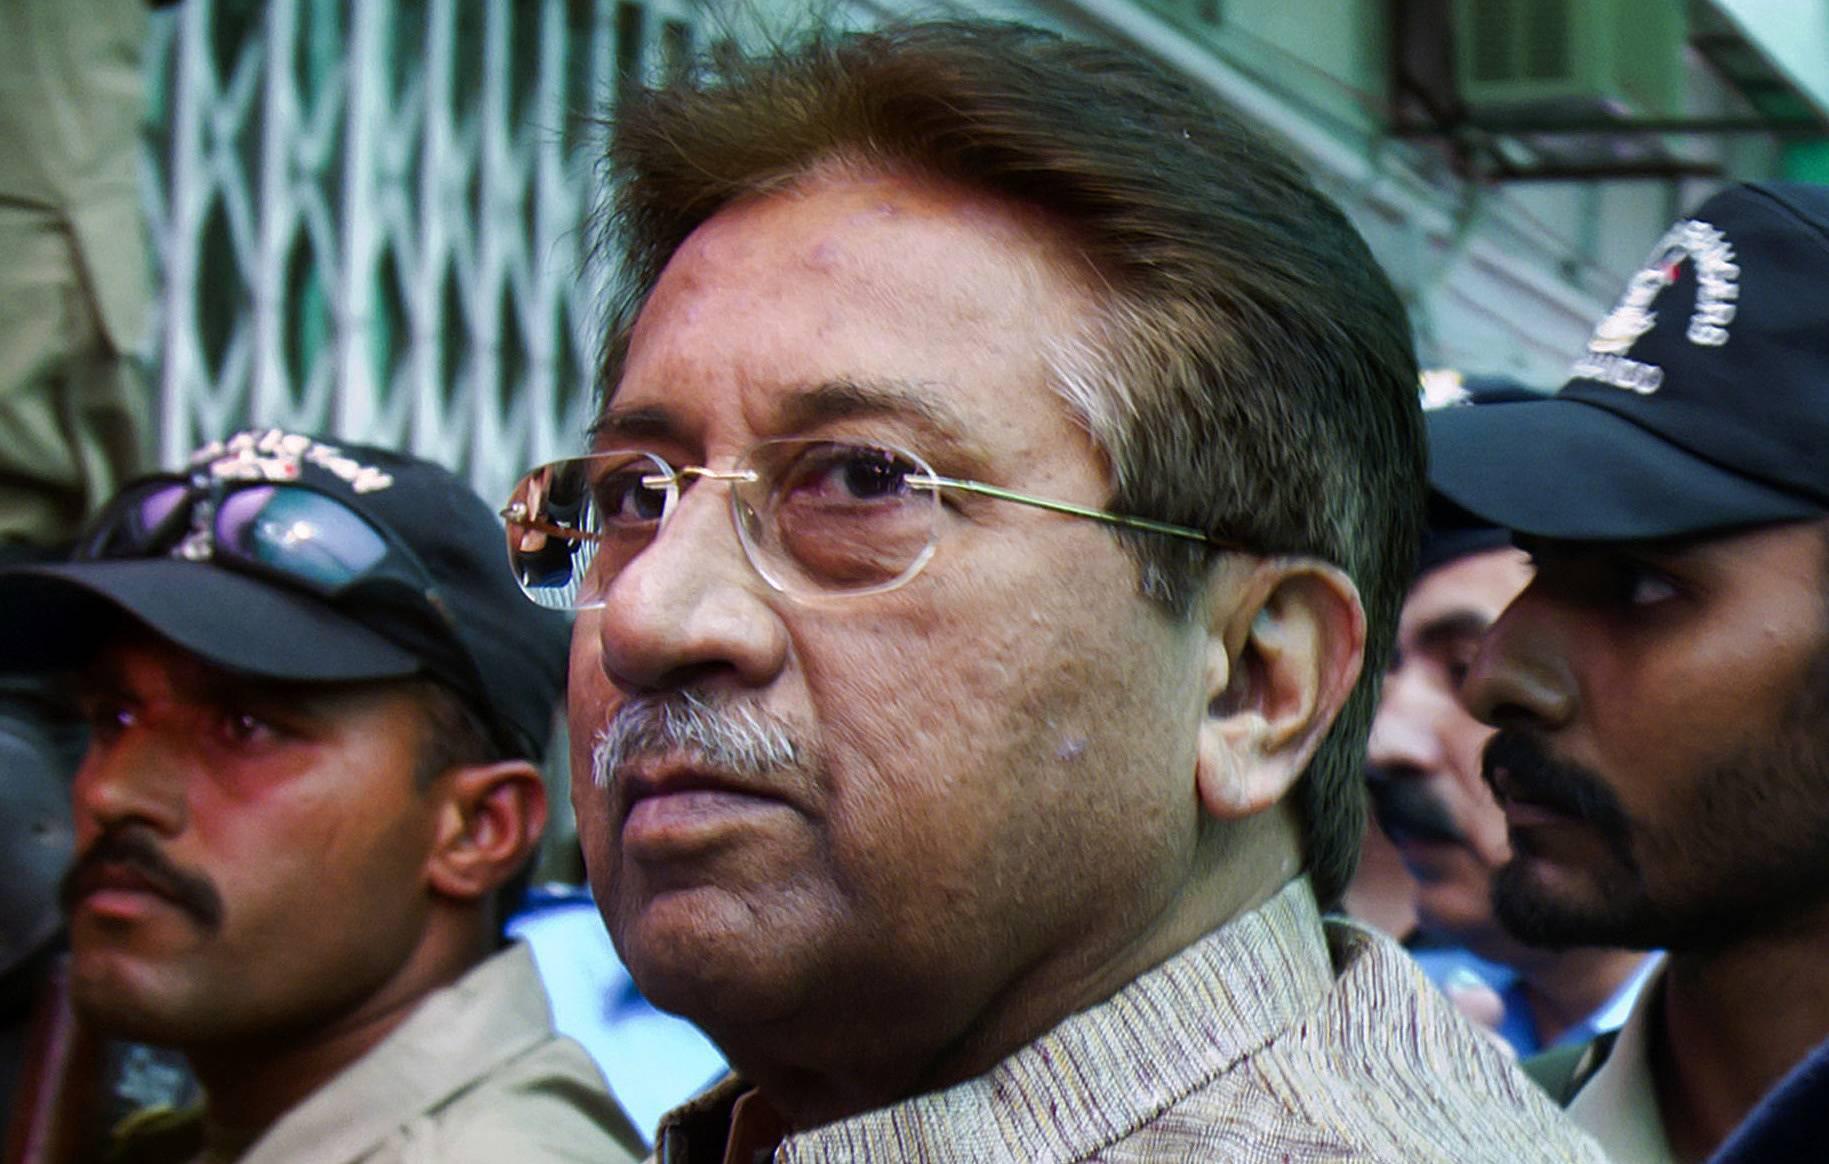 Бывшему президенту Пакистана Мушаррафу вынесли смертный приговор